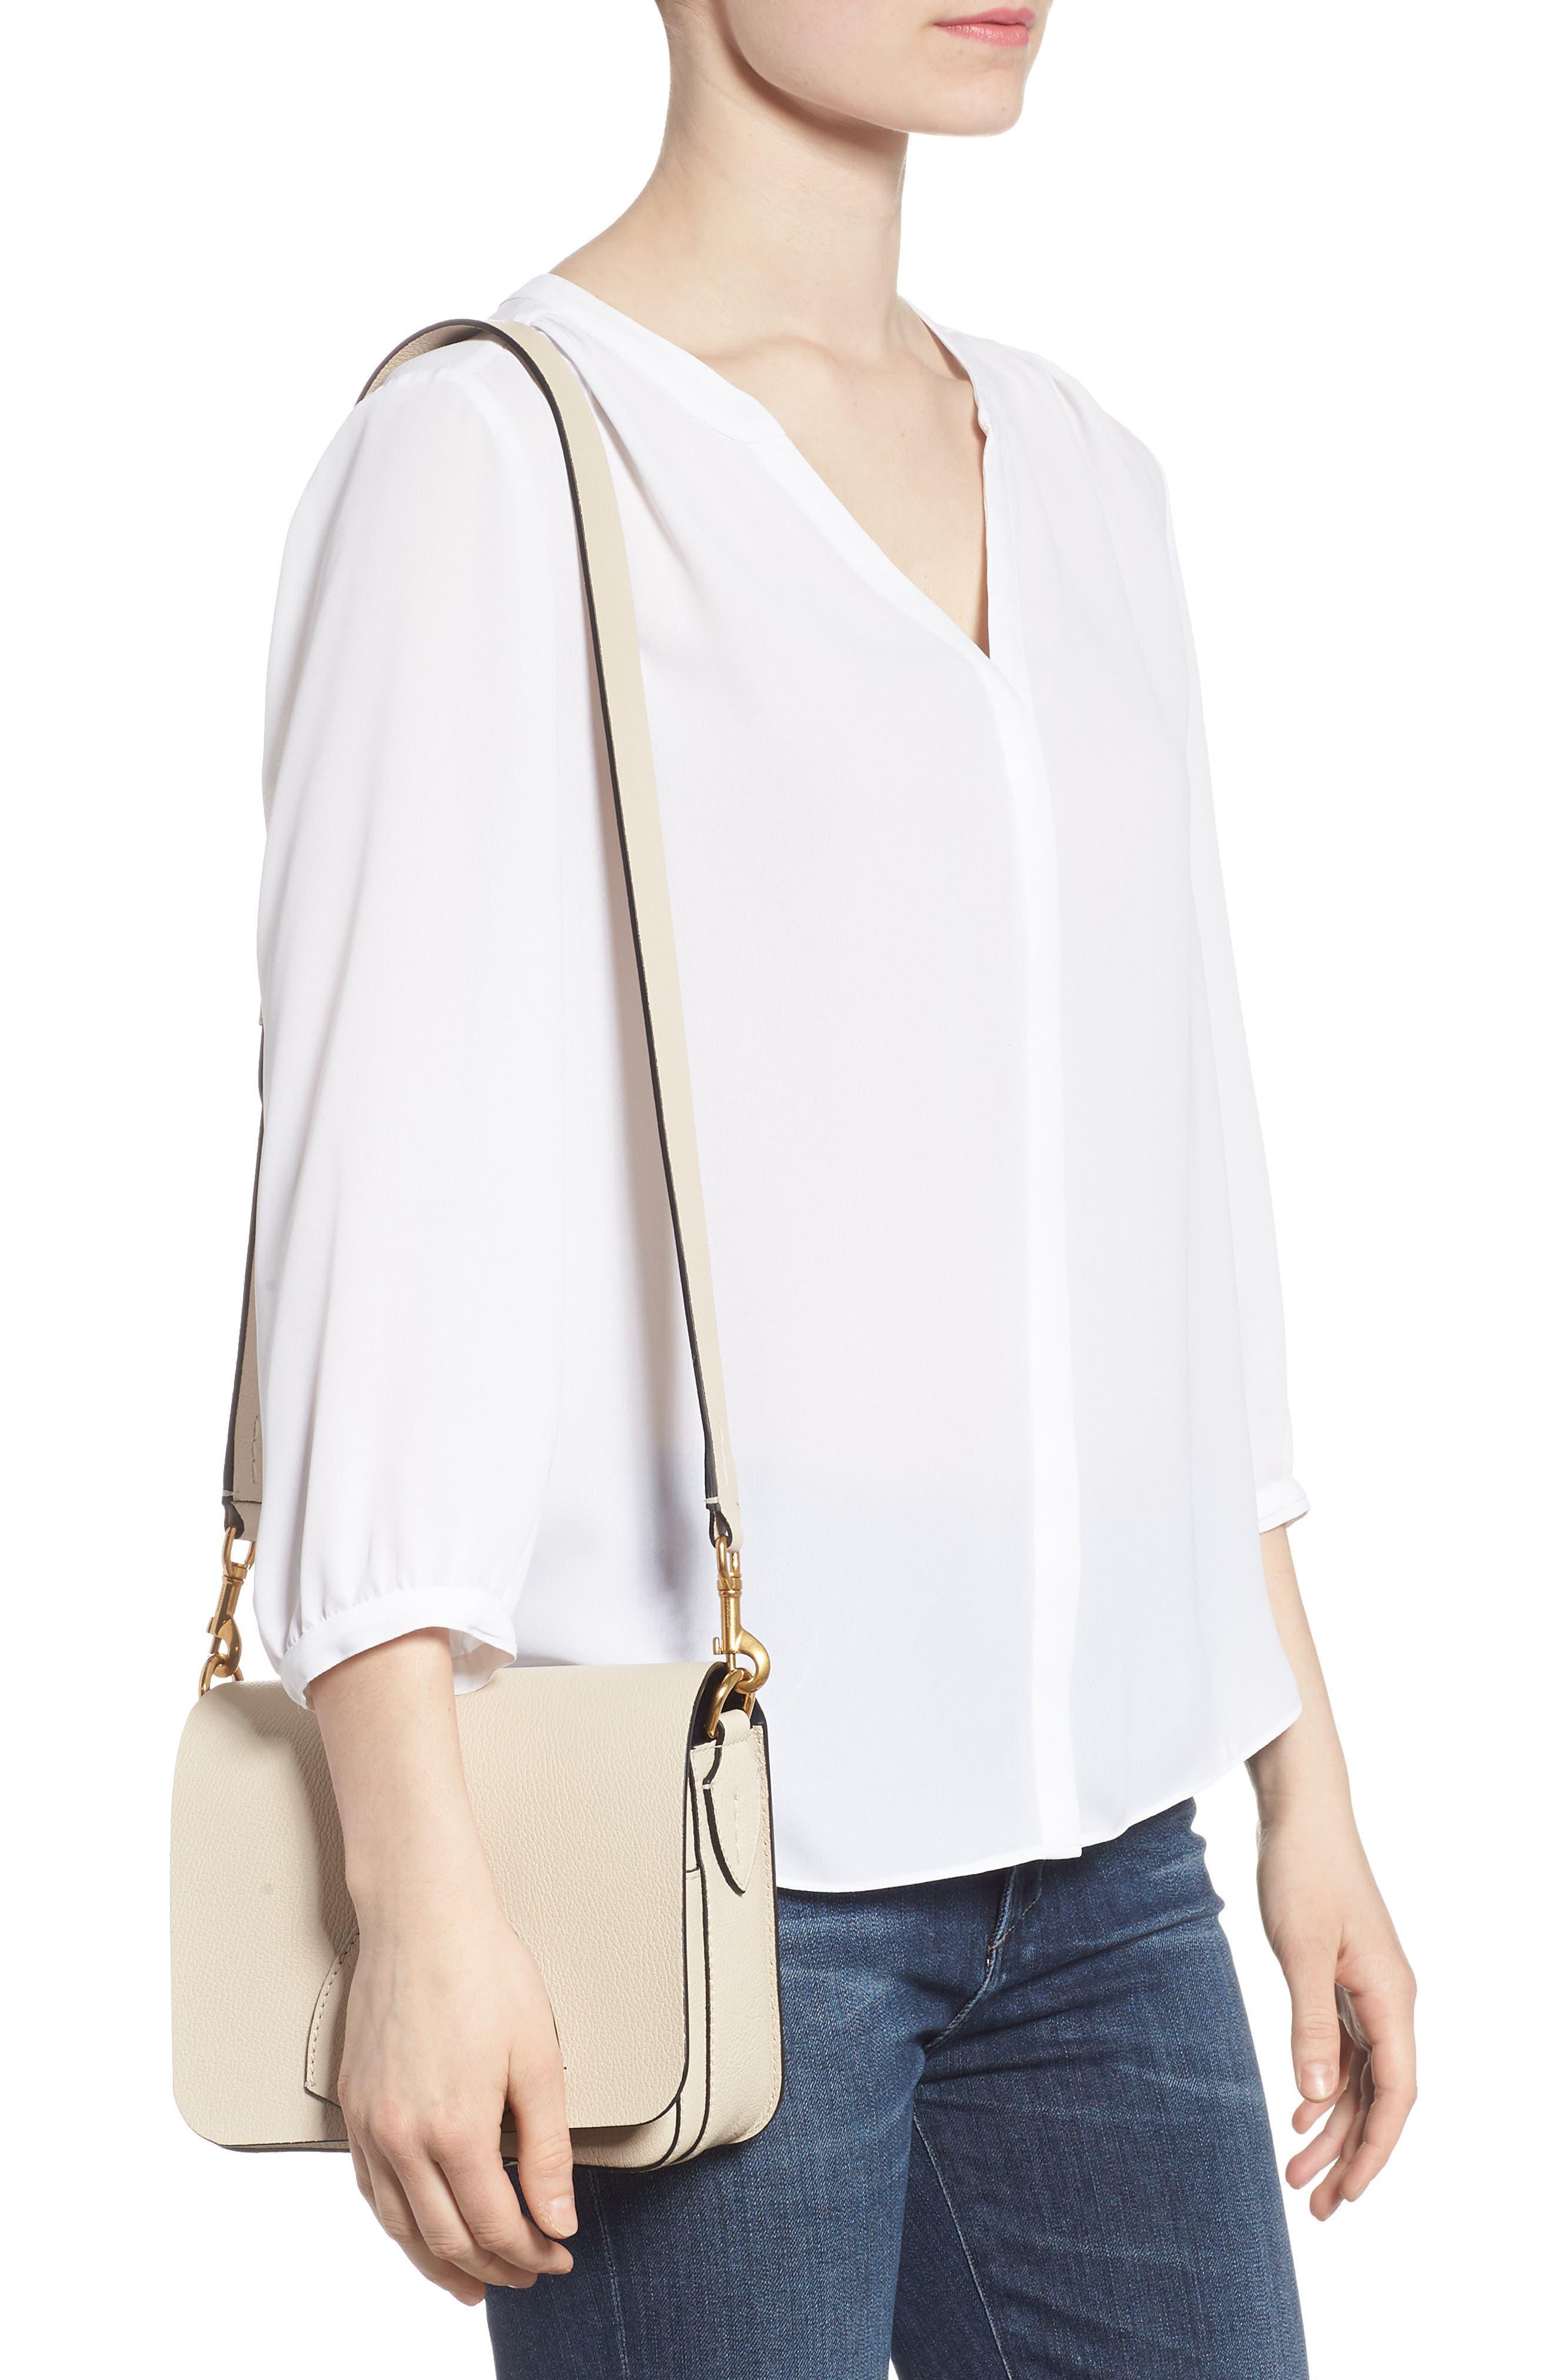 Square Leather Shoulder Bag,                             Alternate thumbnail 2, color,                             250